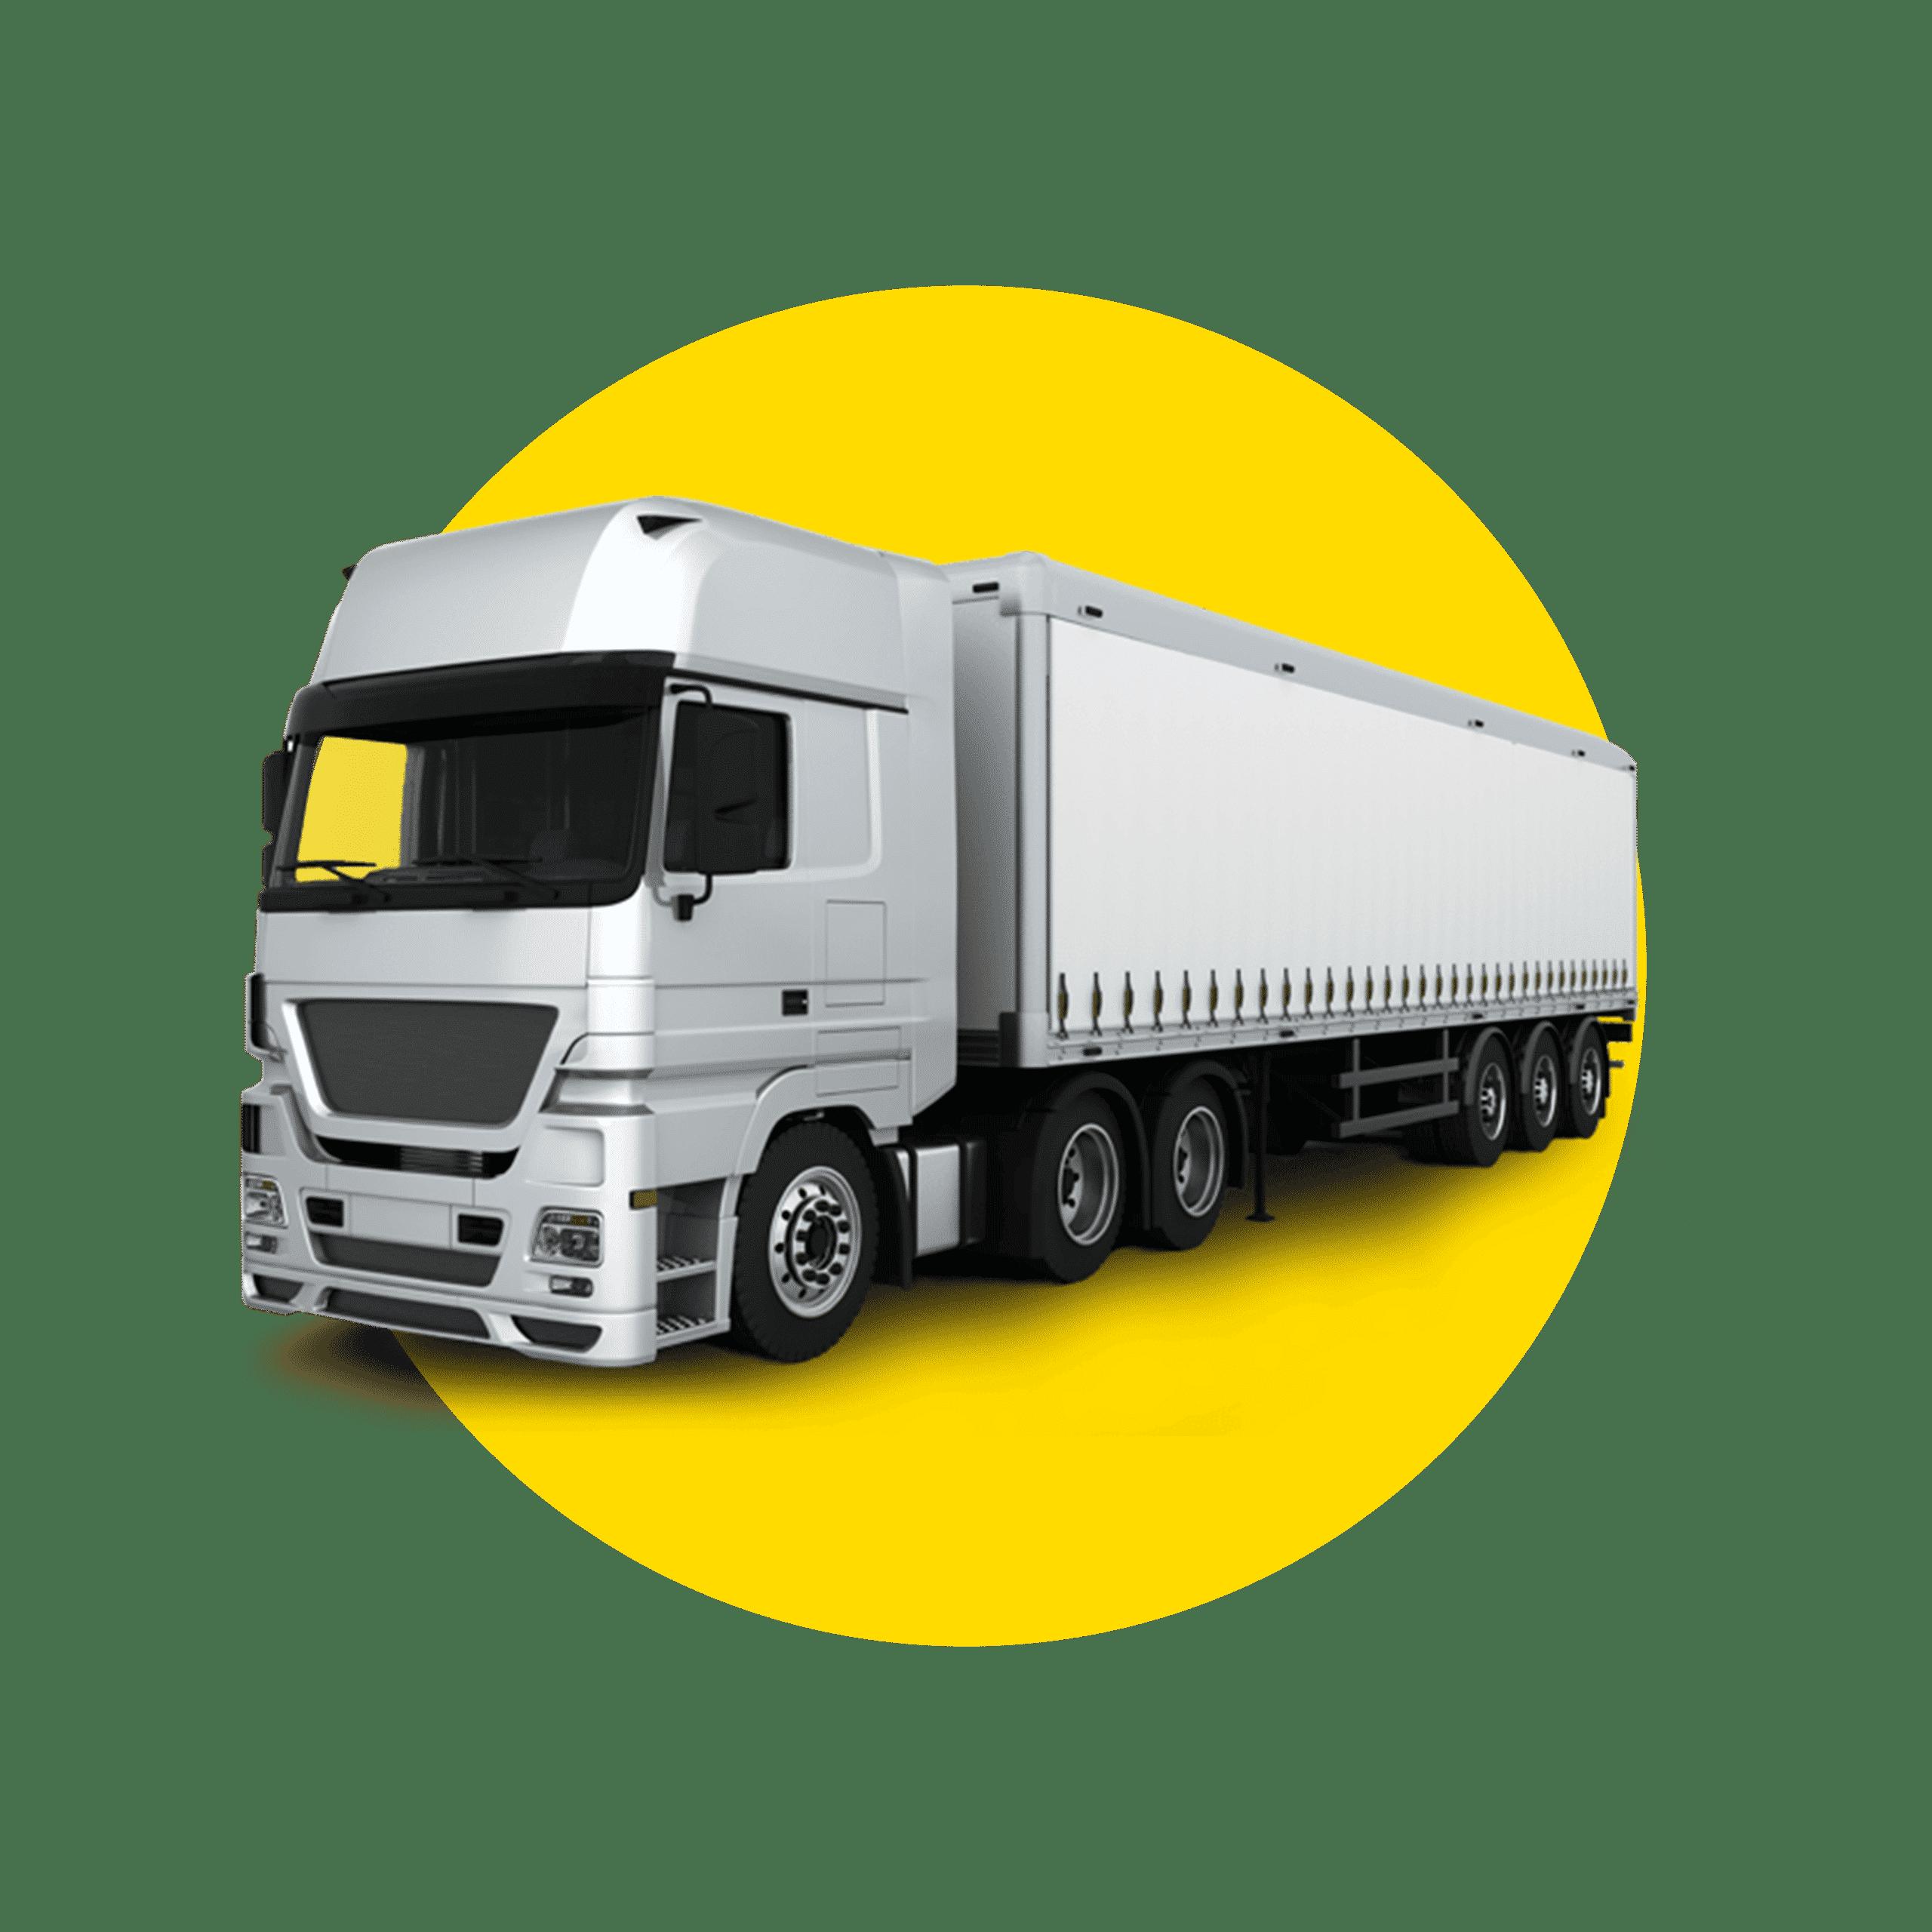 formation capacité de transport lourd de marchandises